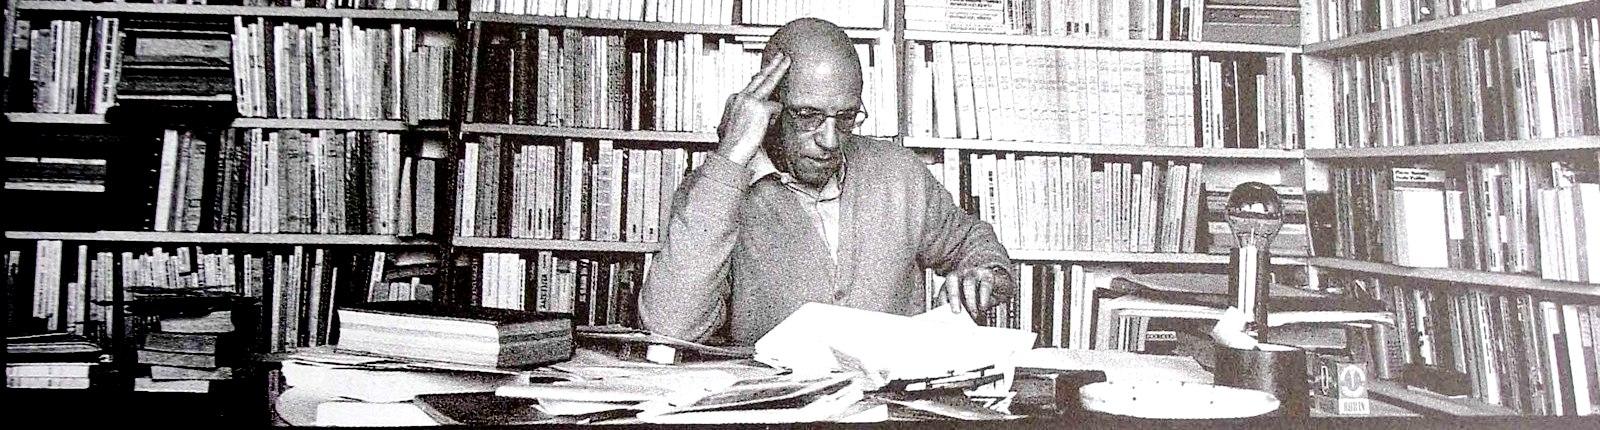 ◆ 41 Obras de Michel Foucault en castellano ◆ Descarga gratis